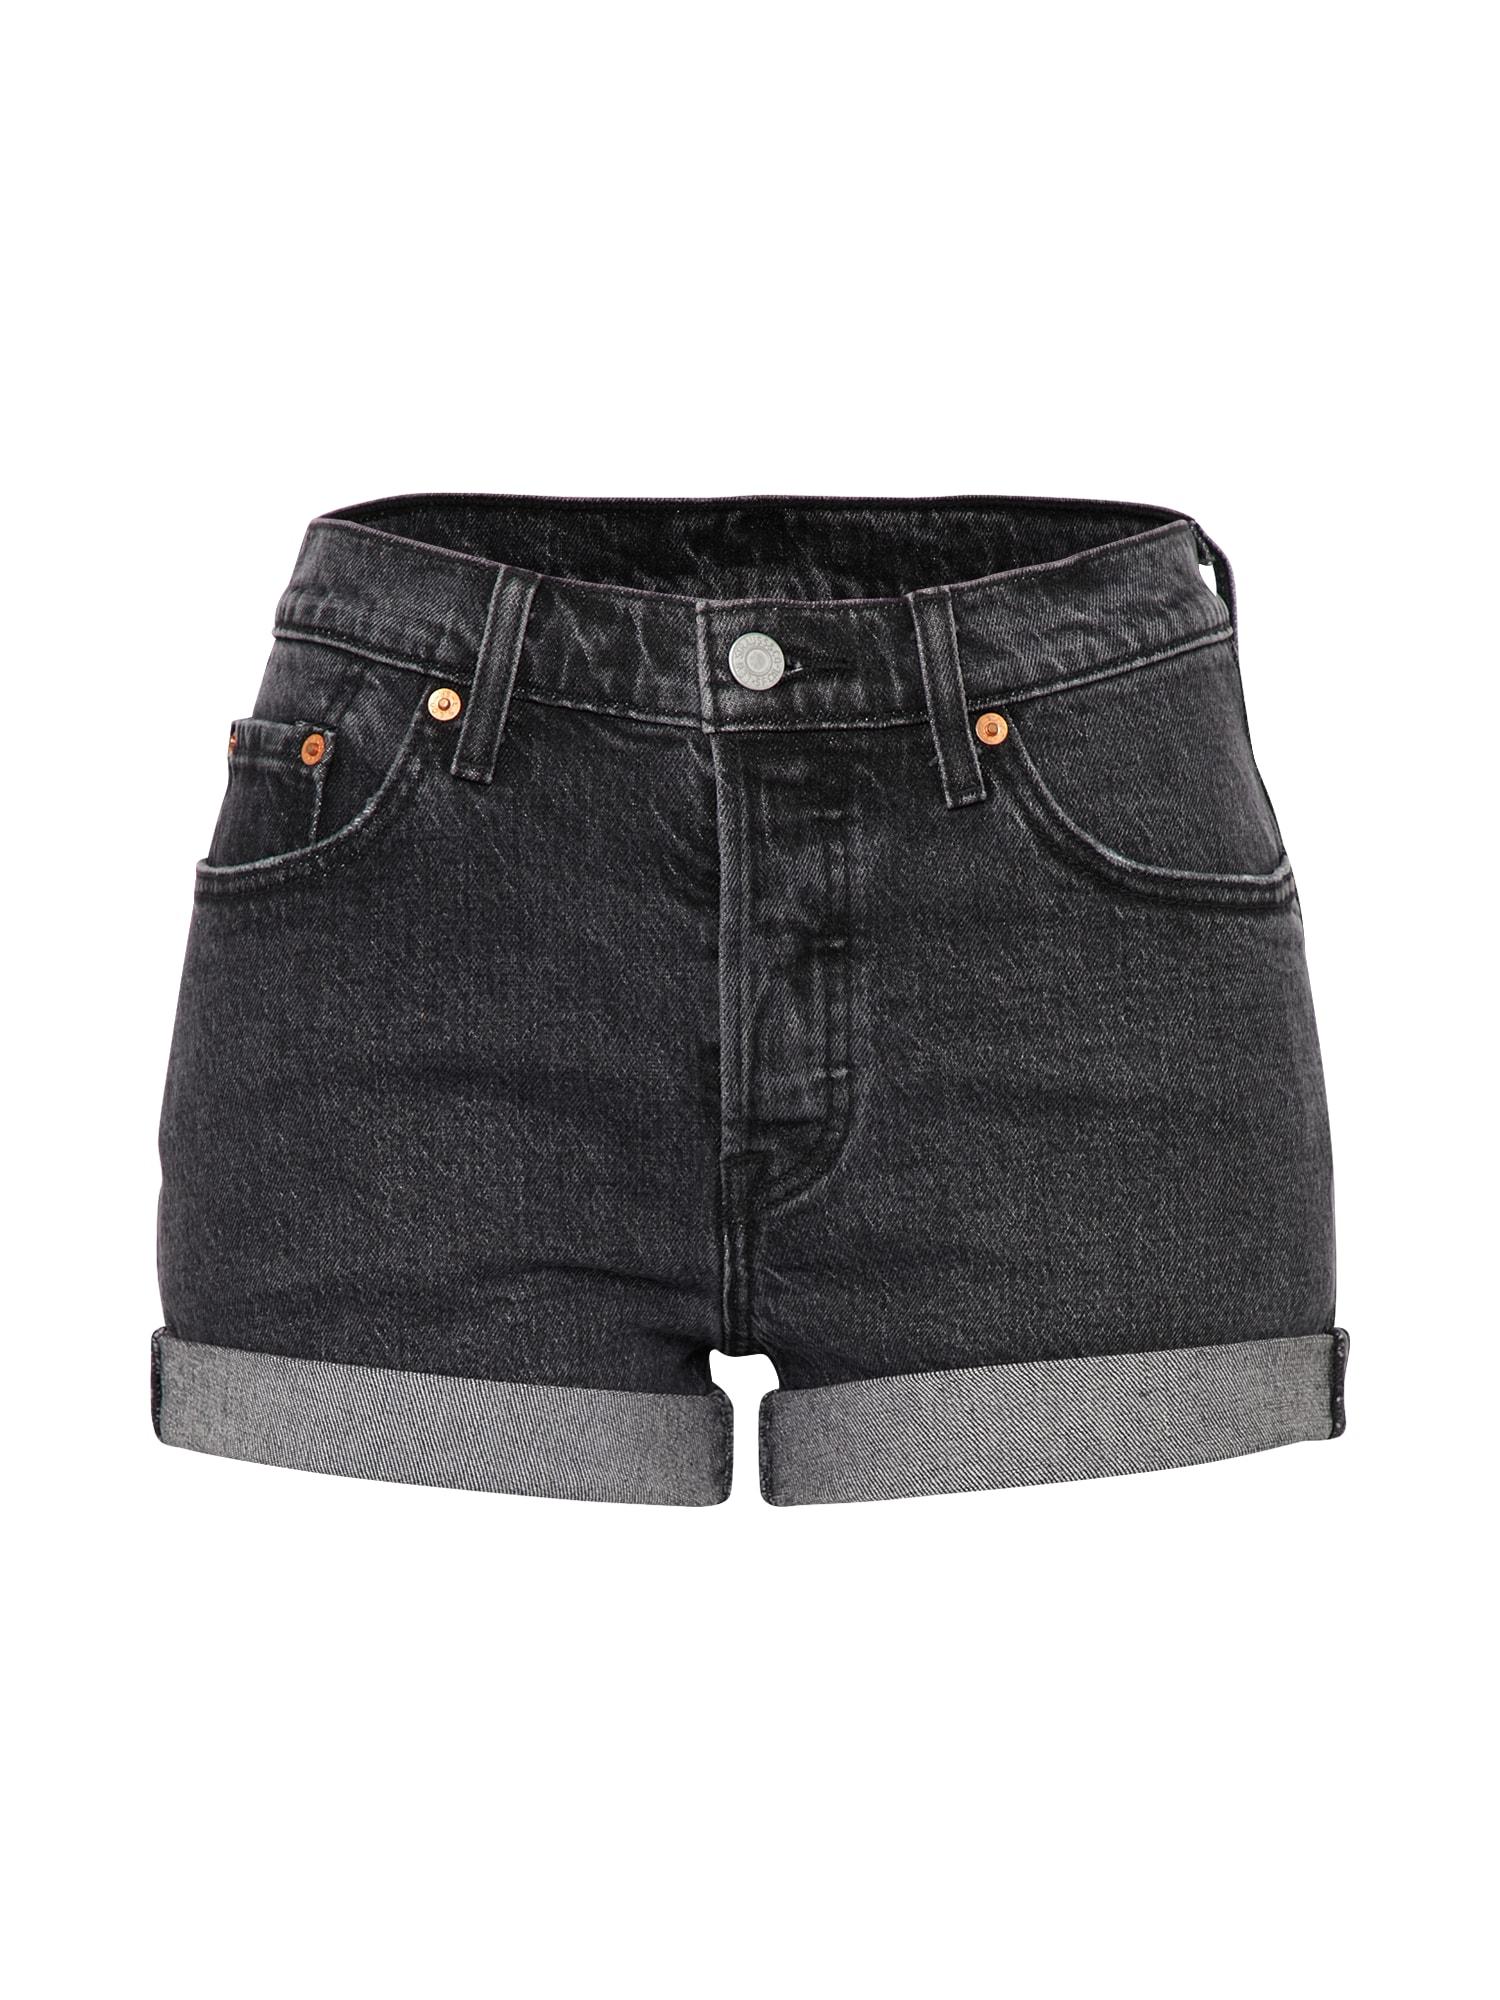 LEVI'S Dames Jeans 501® navy